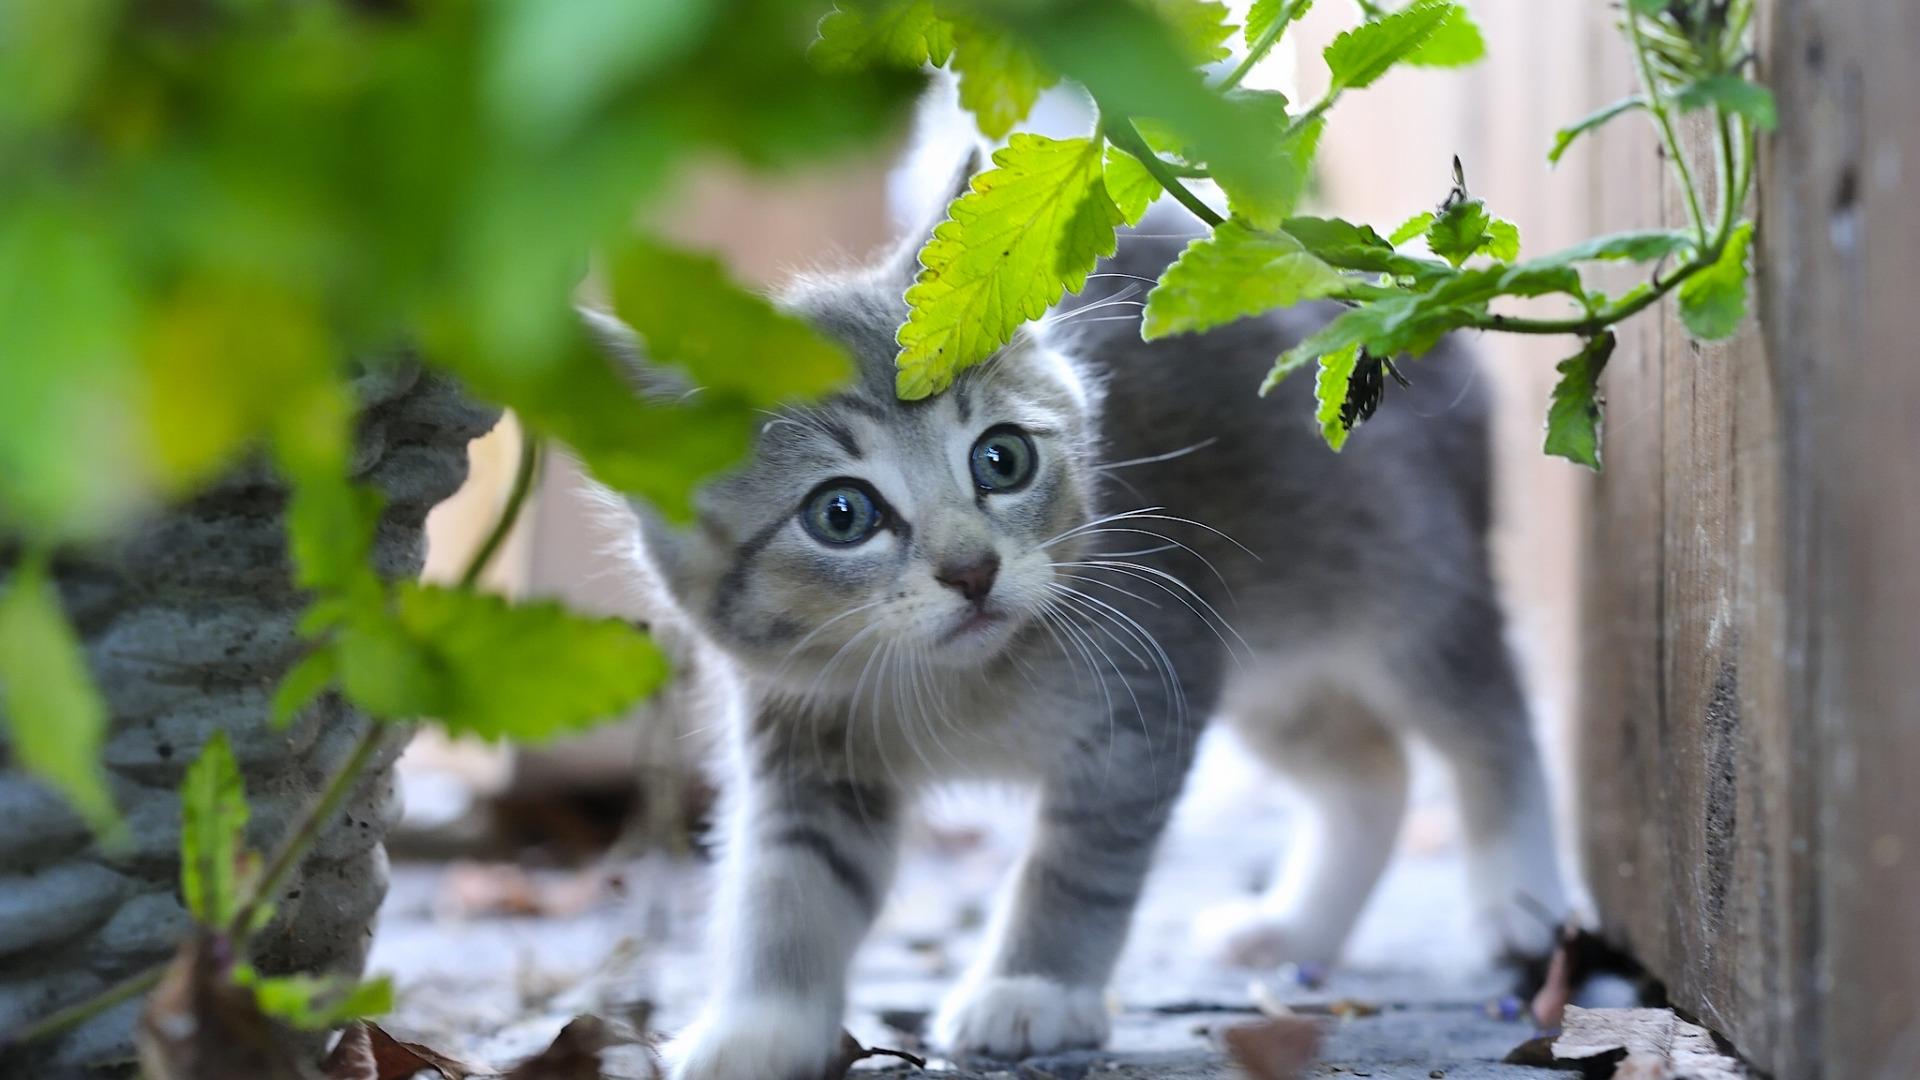 природа животные кот котенок серый журавлики nature animals cat kitten grey cranes  № 654732 бесплатно